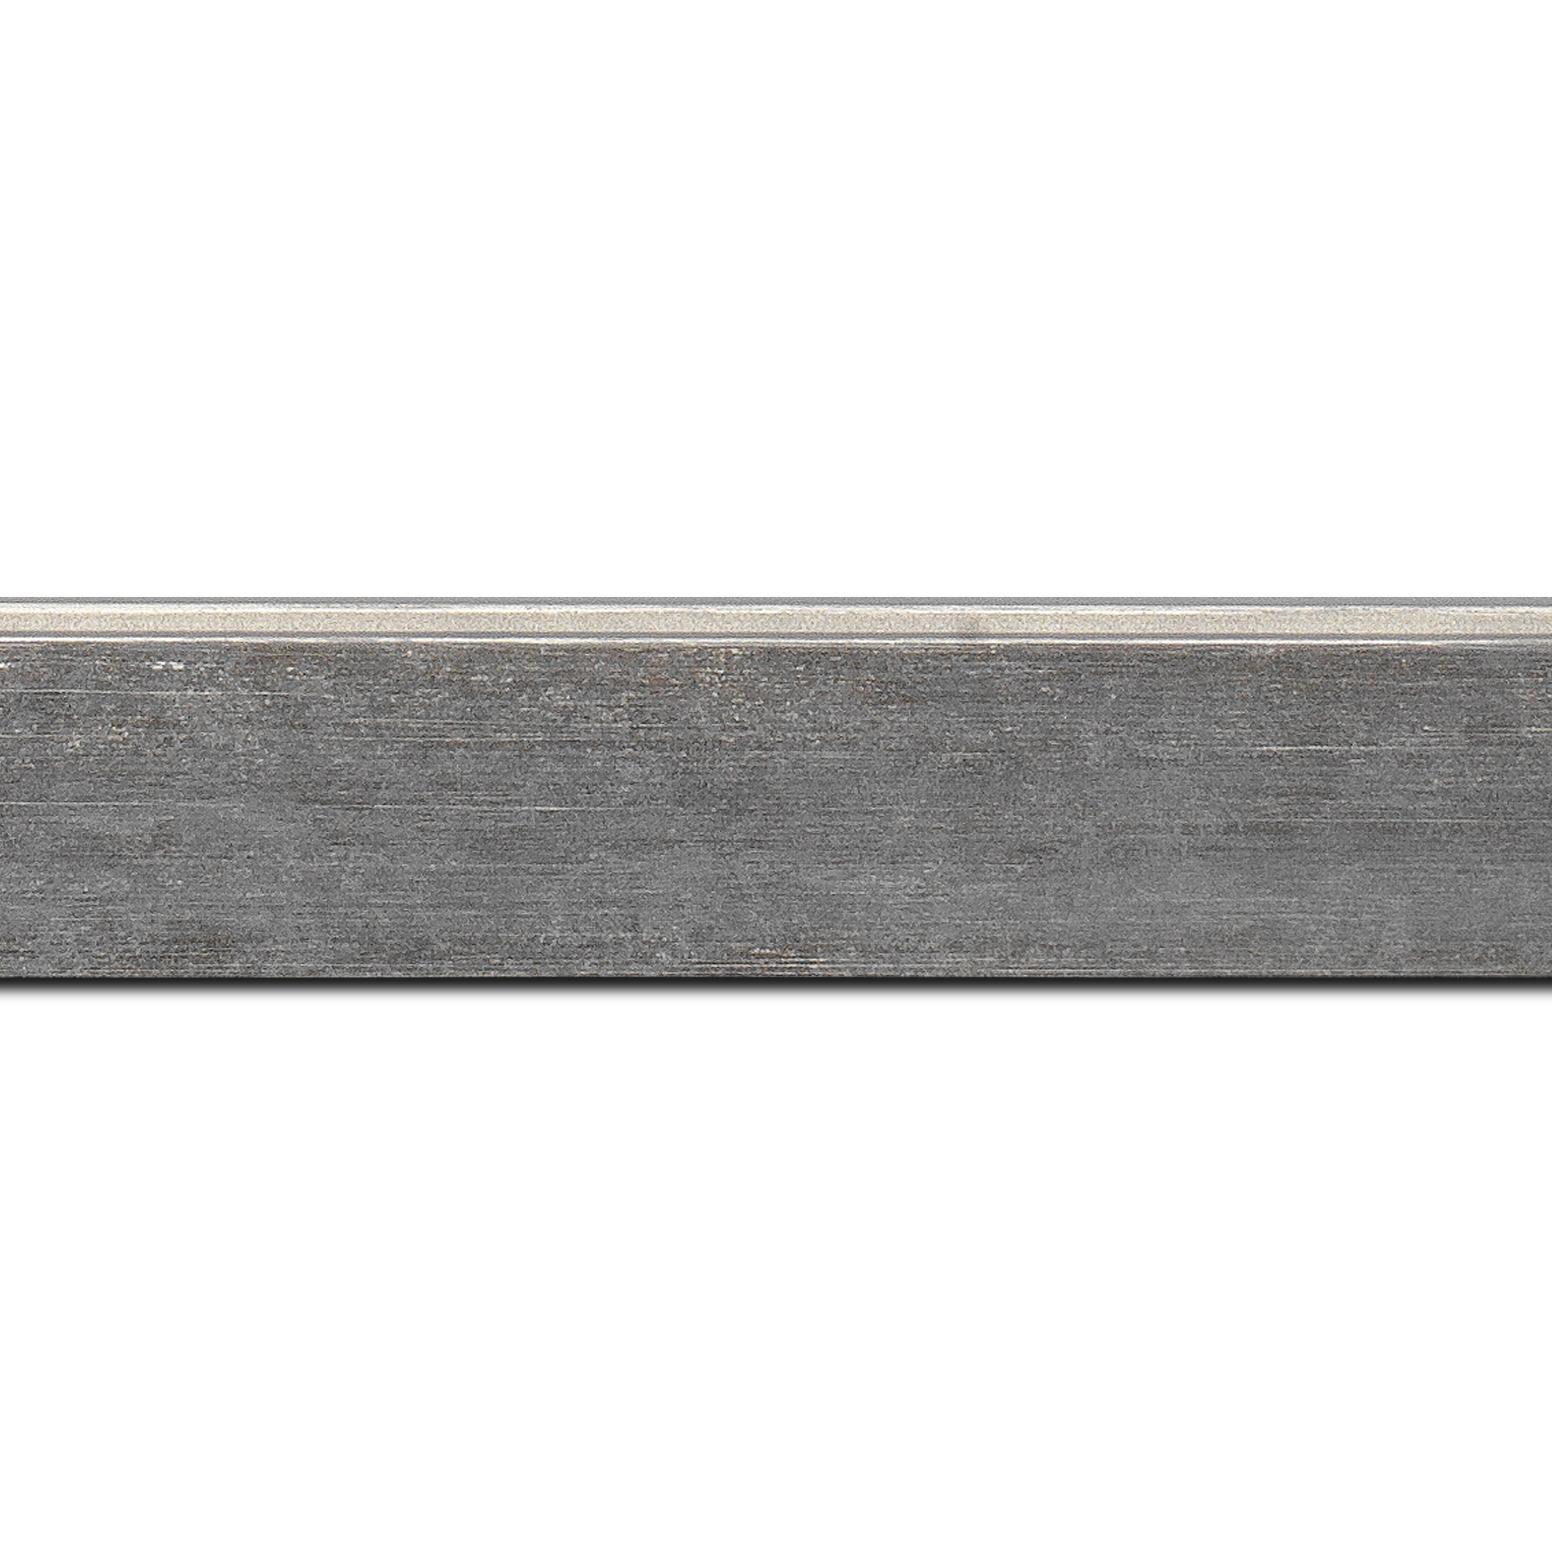 Baguette longueur 1.40m bois profil plat incliné largeur 3.7cm couleur gris clair effet ressuyé